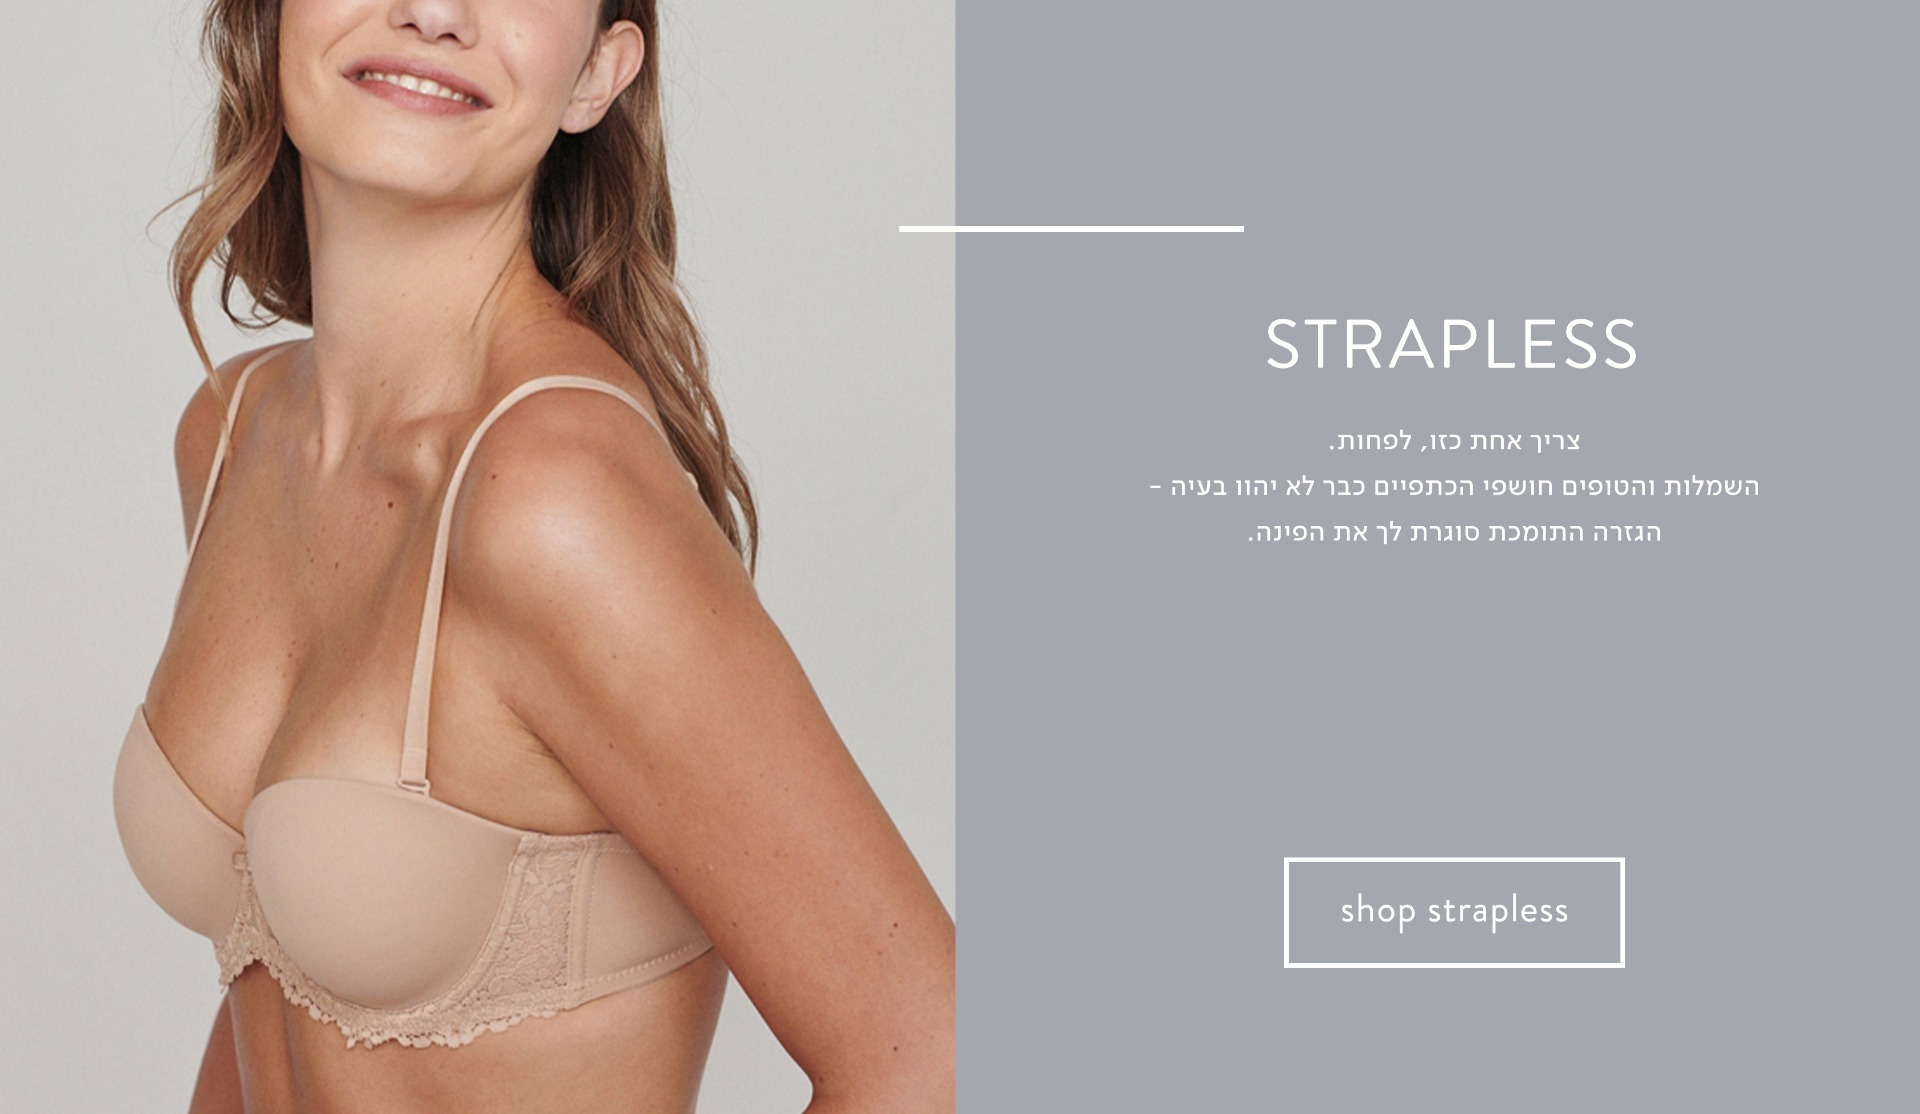 Strapless: חזיית סטרפלס - צריך אחת כזו, לפחות. השמלות והטופים חושפי הכתפיים כבר לא יהוו בעיה - הגזרה התומכת סוגרת לך את הפינה.